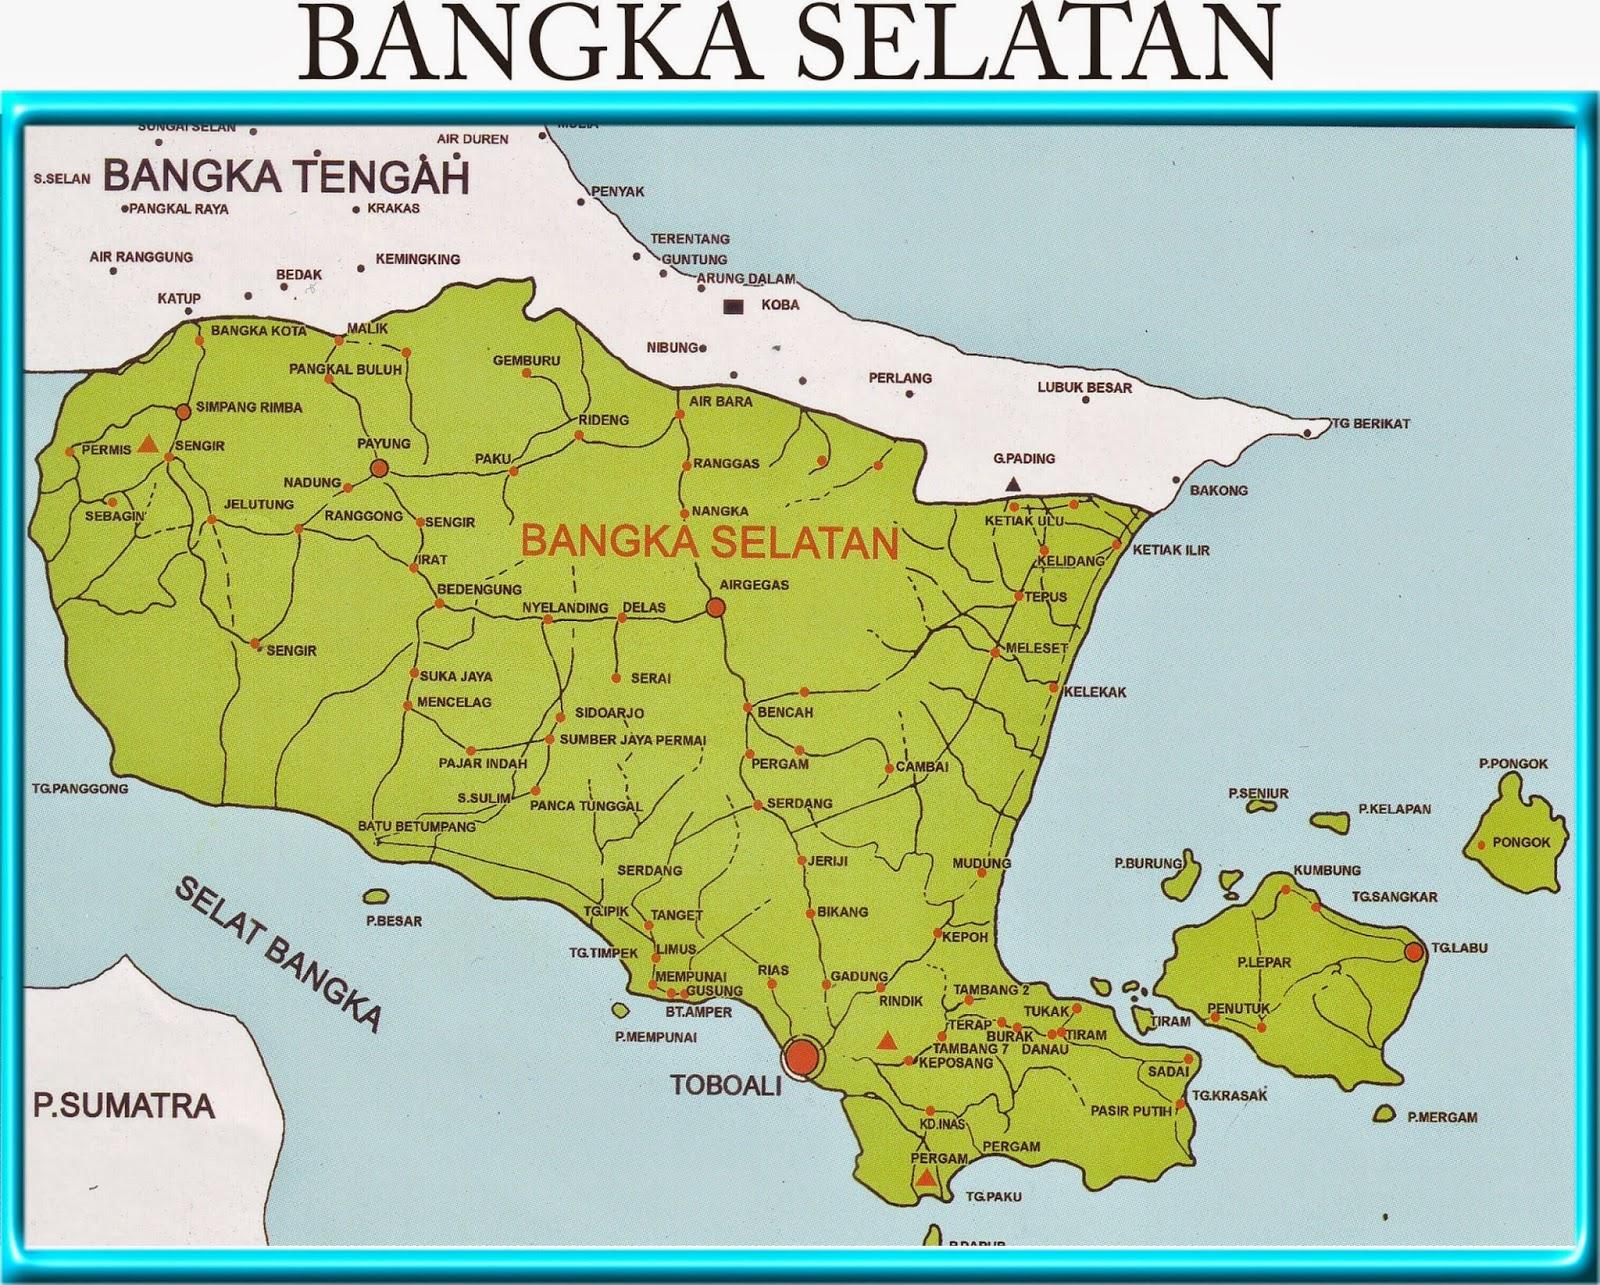 Peta Kota: Peta Kabupaten Bangka Selatan